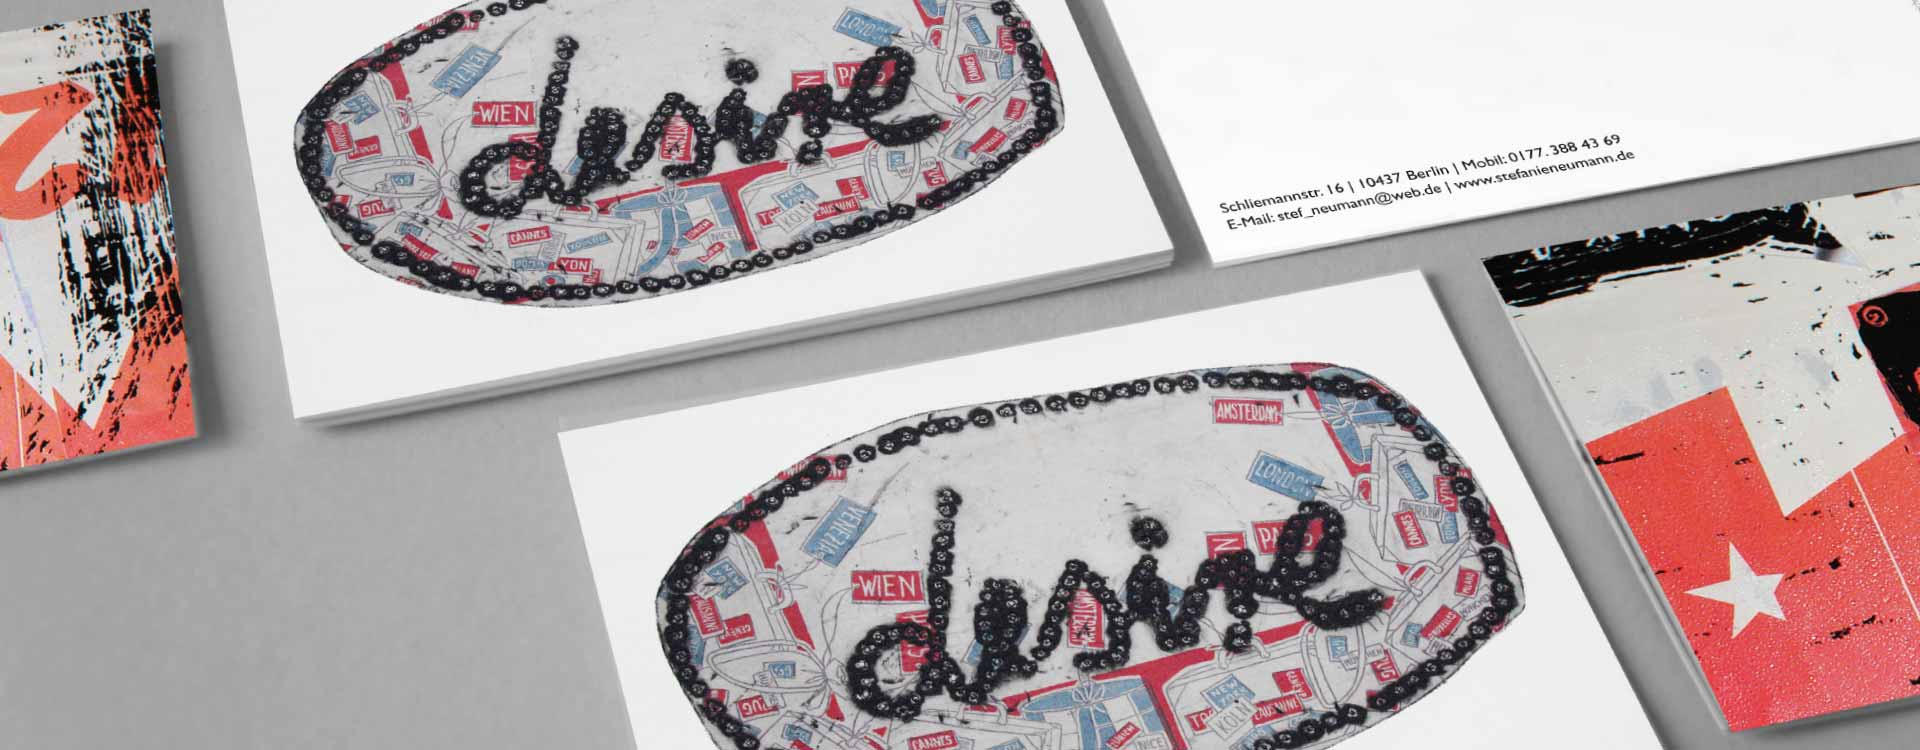 Postkaten für Stefanie Neumann; Design: Kattrin Richter |Büro für Grafikdesign